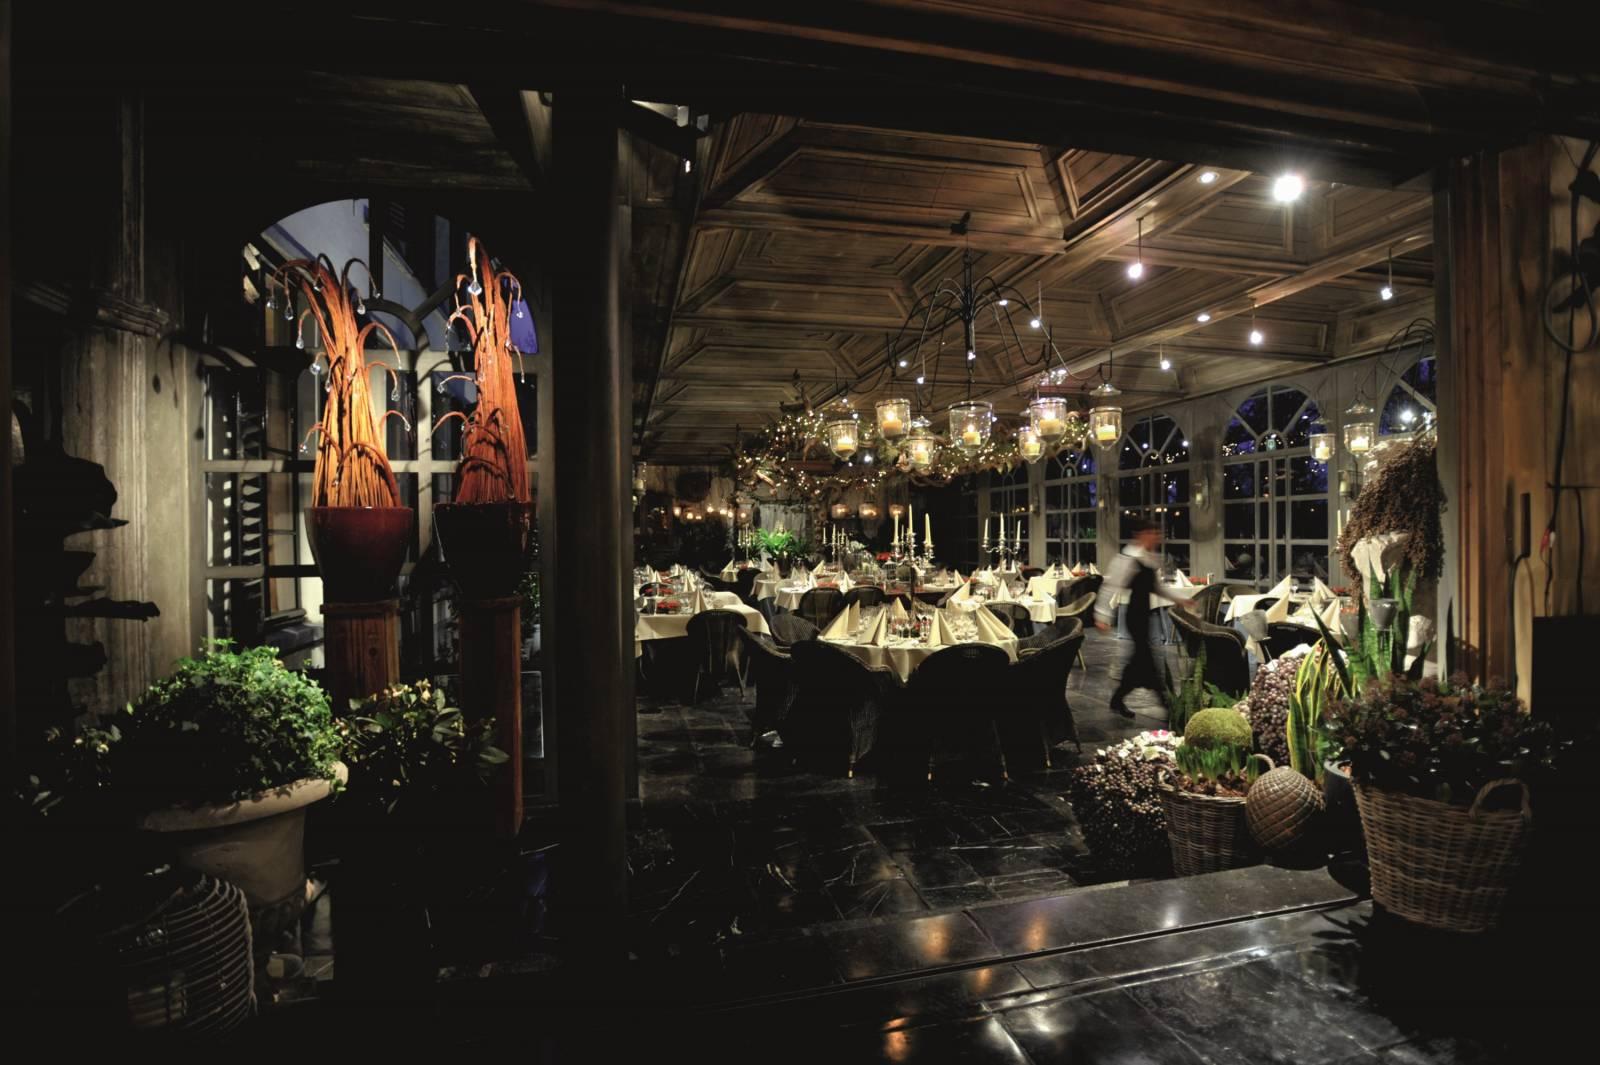 House of Weddings Salons Hof ten Damme Feestzaal Huwelijk Wedding Receptie Dansfeest culinair Gastronomisch Ceremonie (22) (Custom)